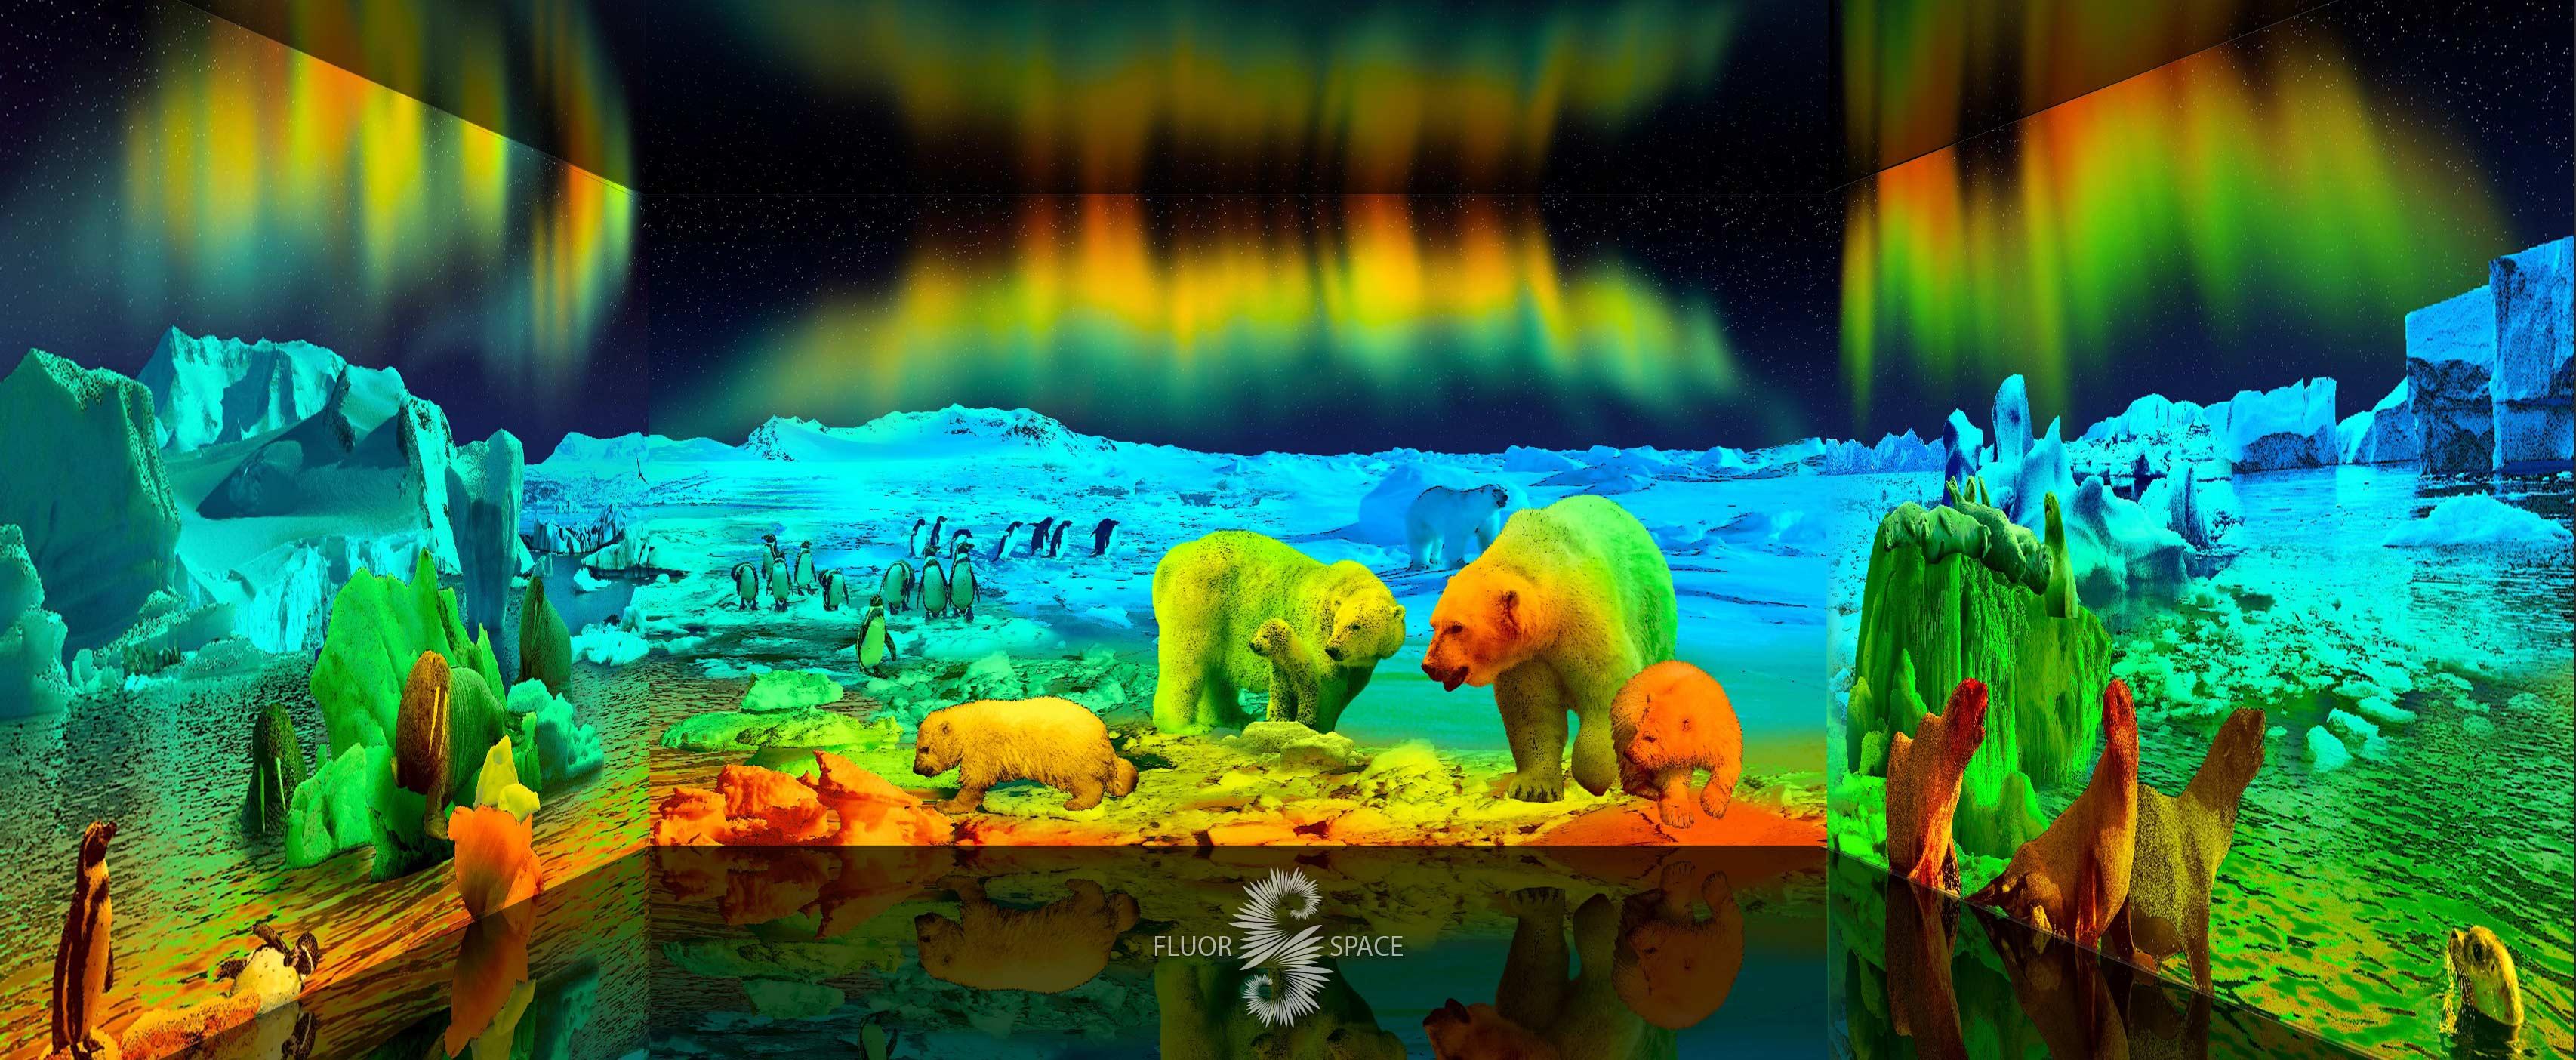 Северное сияние - флуоресцентные хроматические 3D декорации